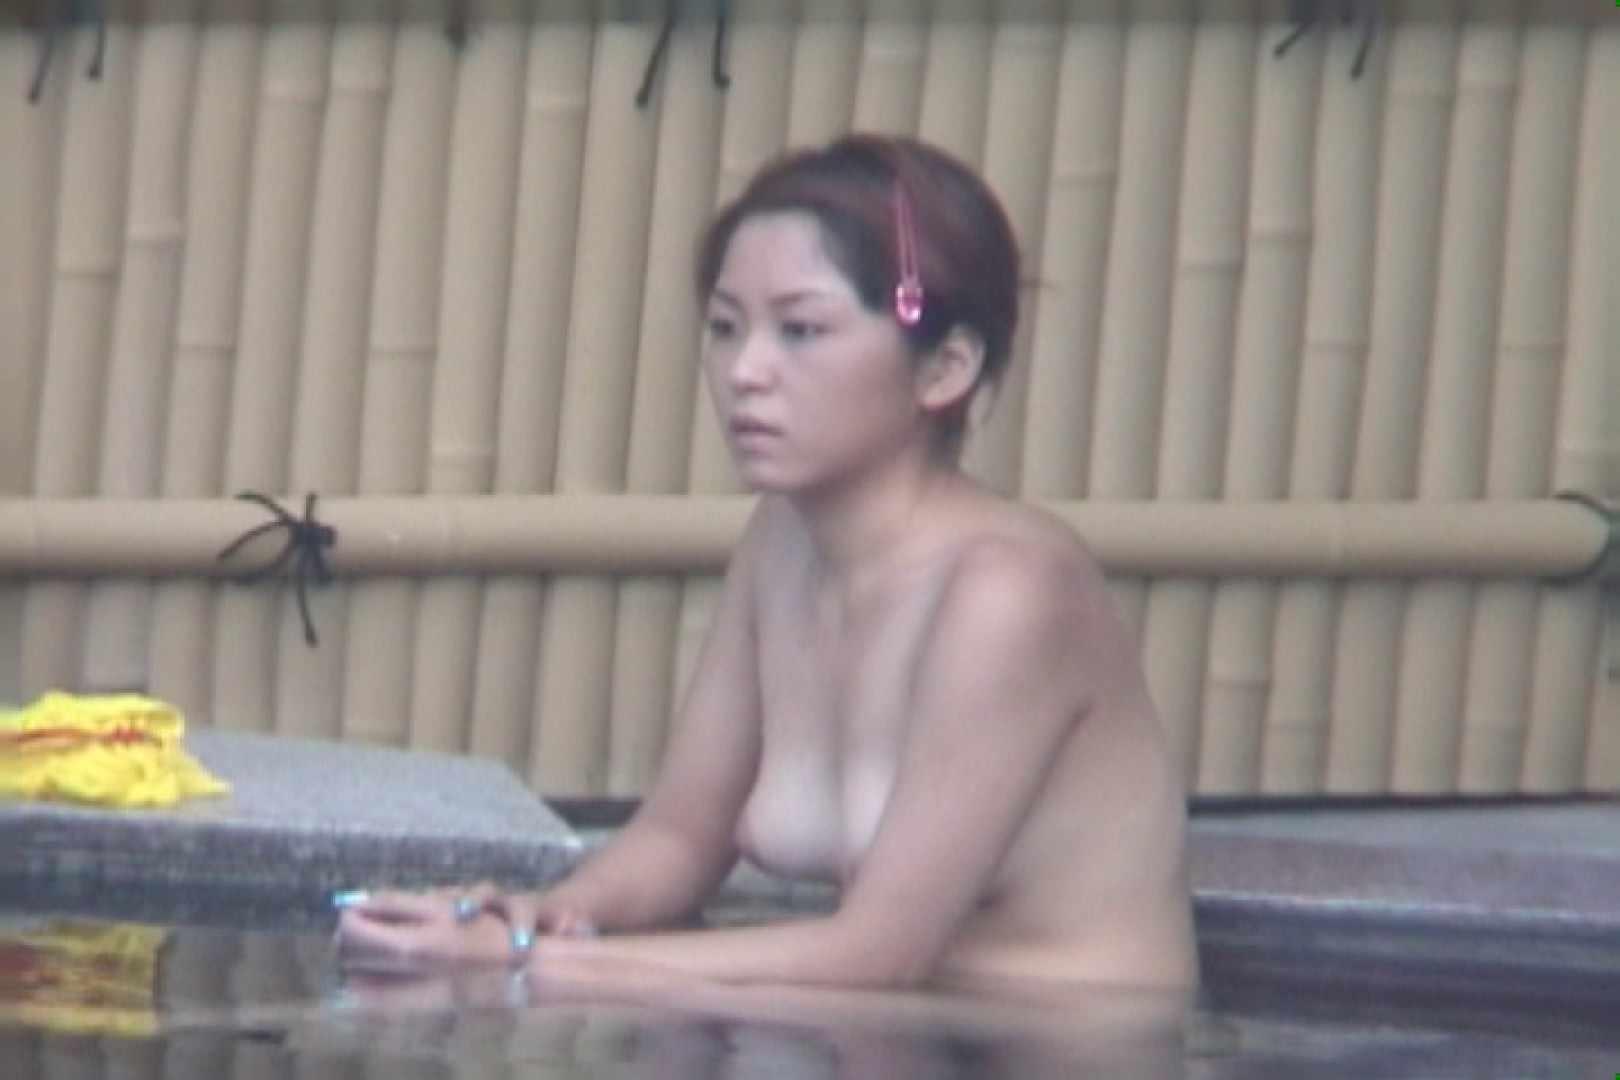 Aquaな露天風呂Vol.574 盗撮  97画像 63